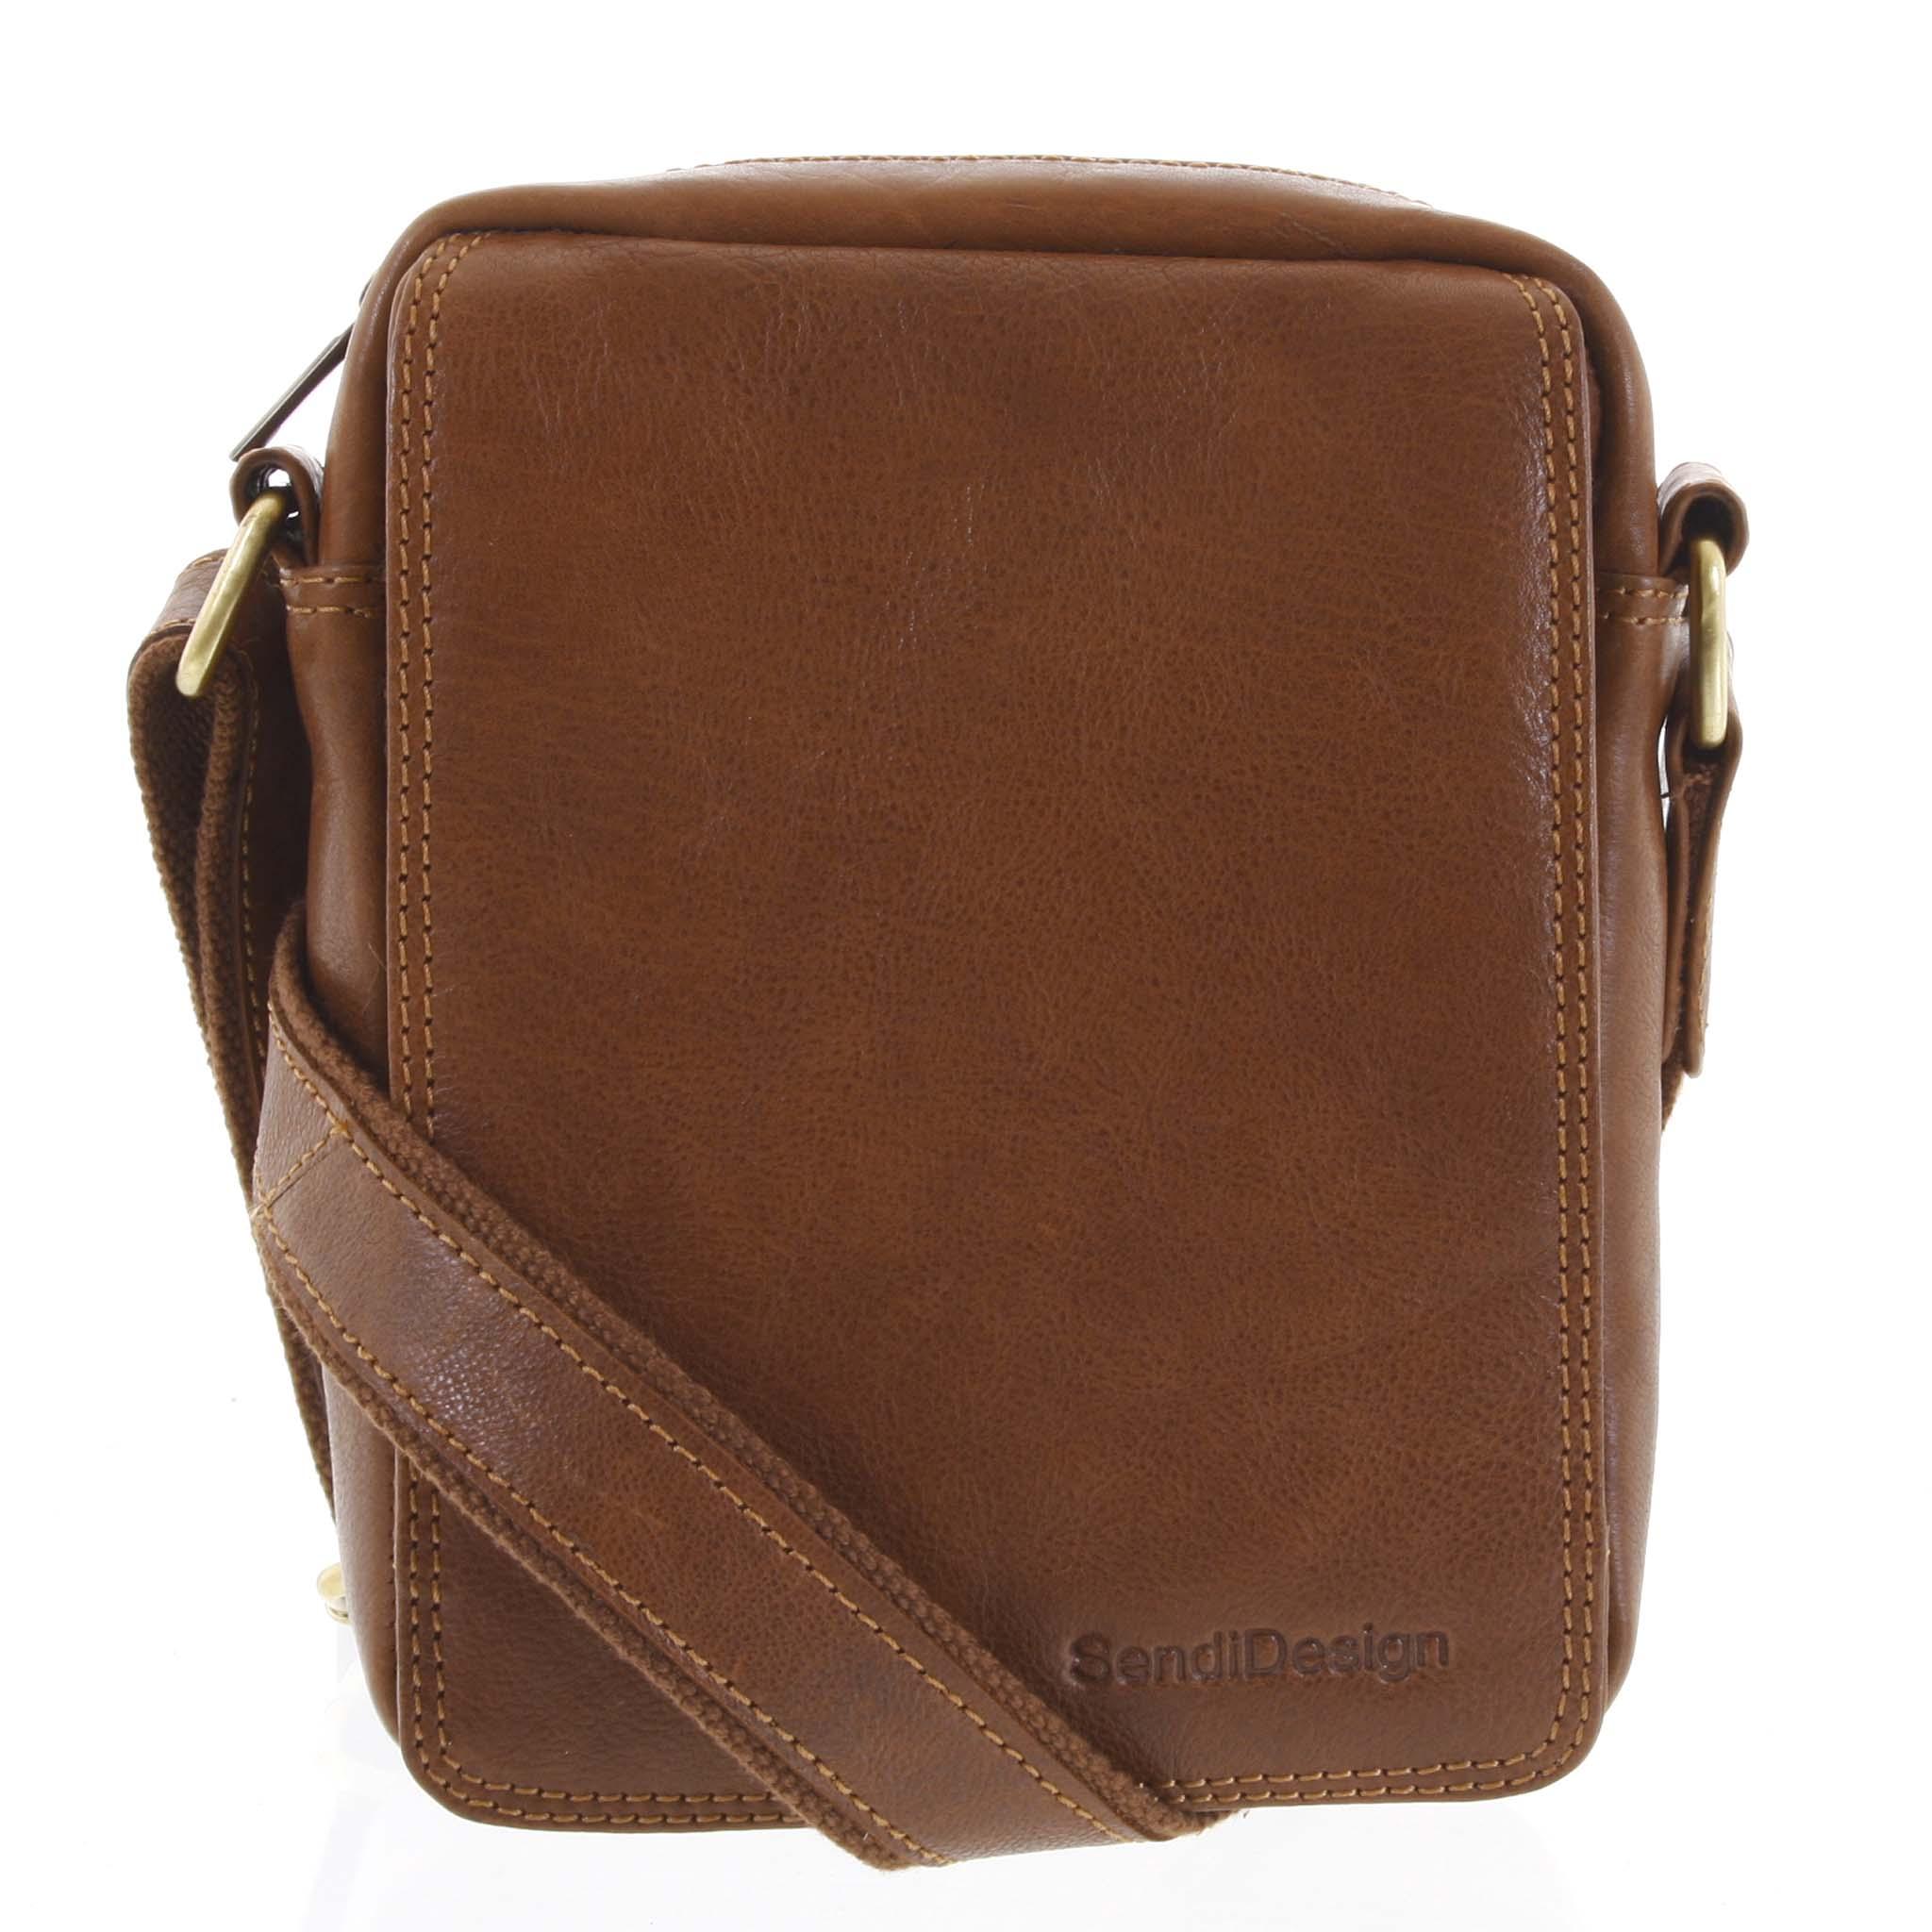 Pánska kožená taška hnedá - SendiDesign Merlim